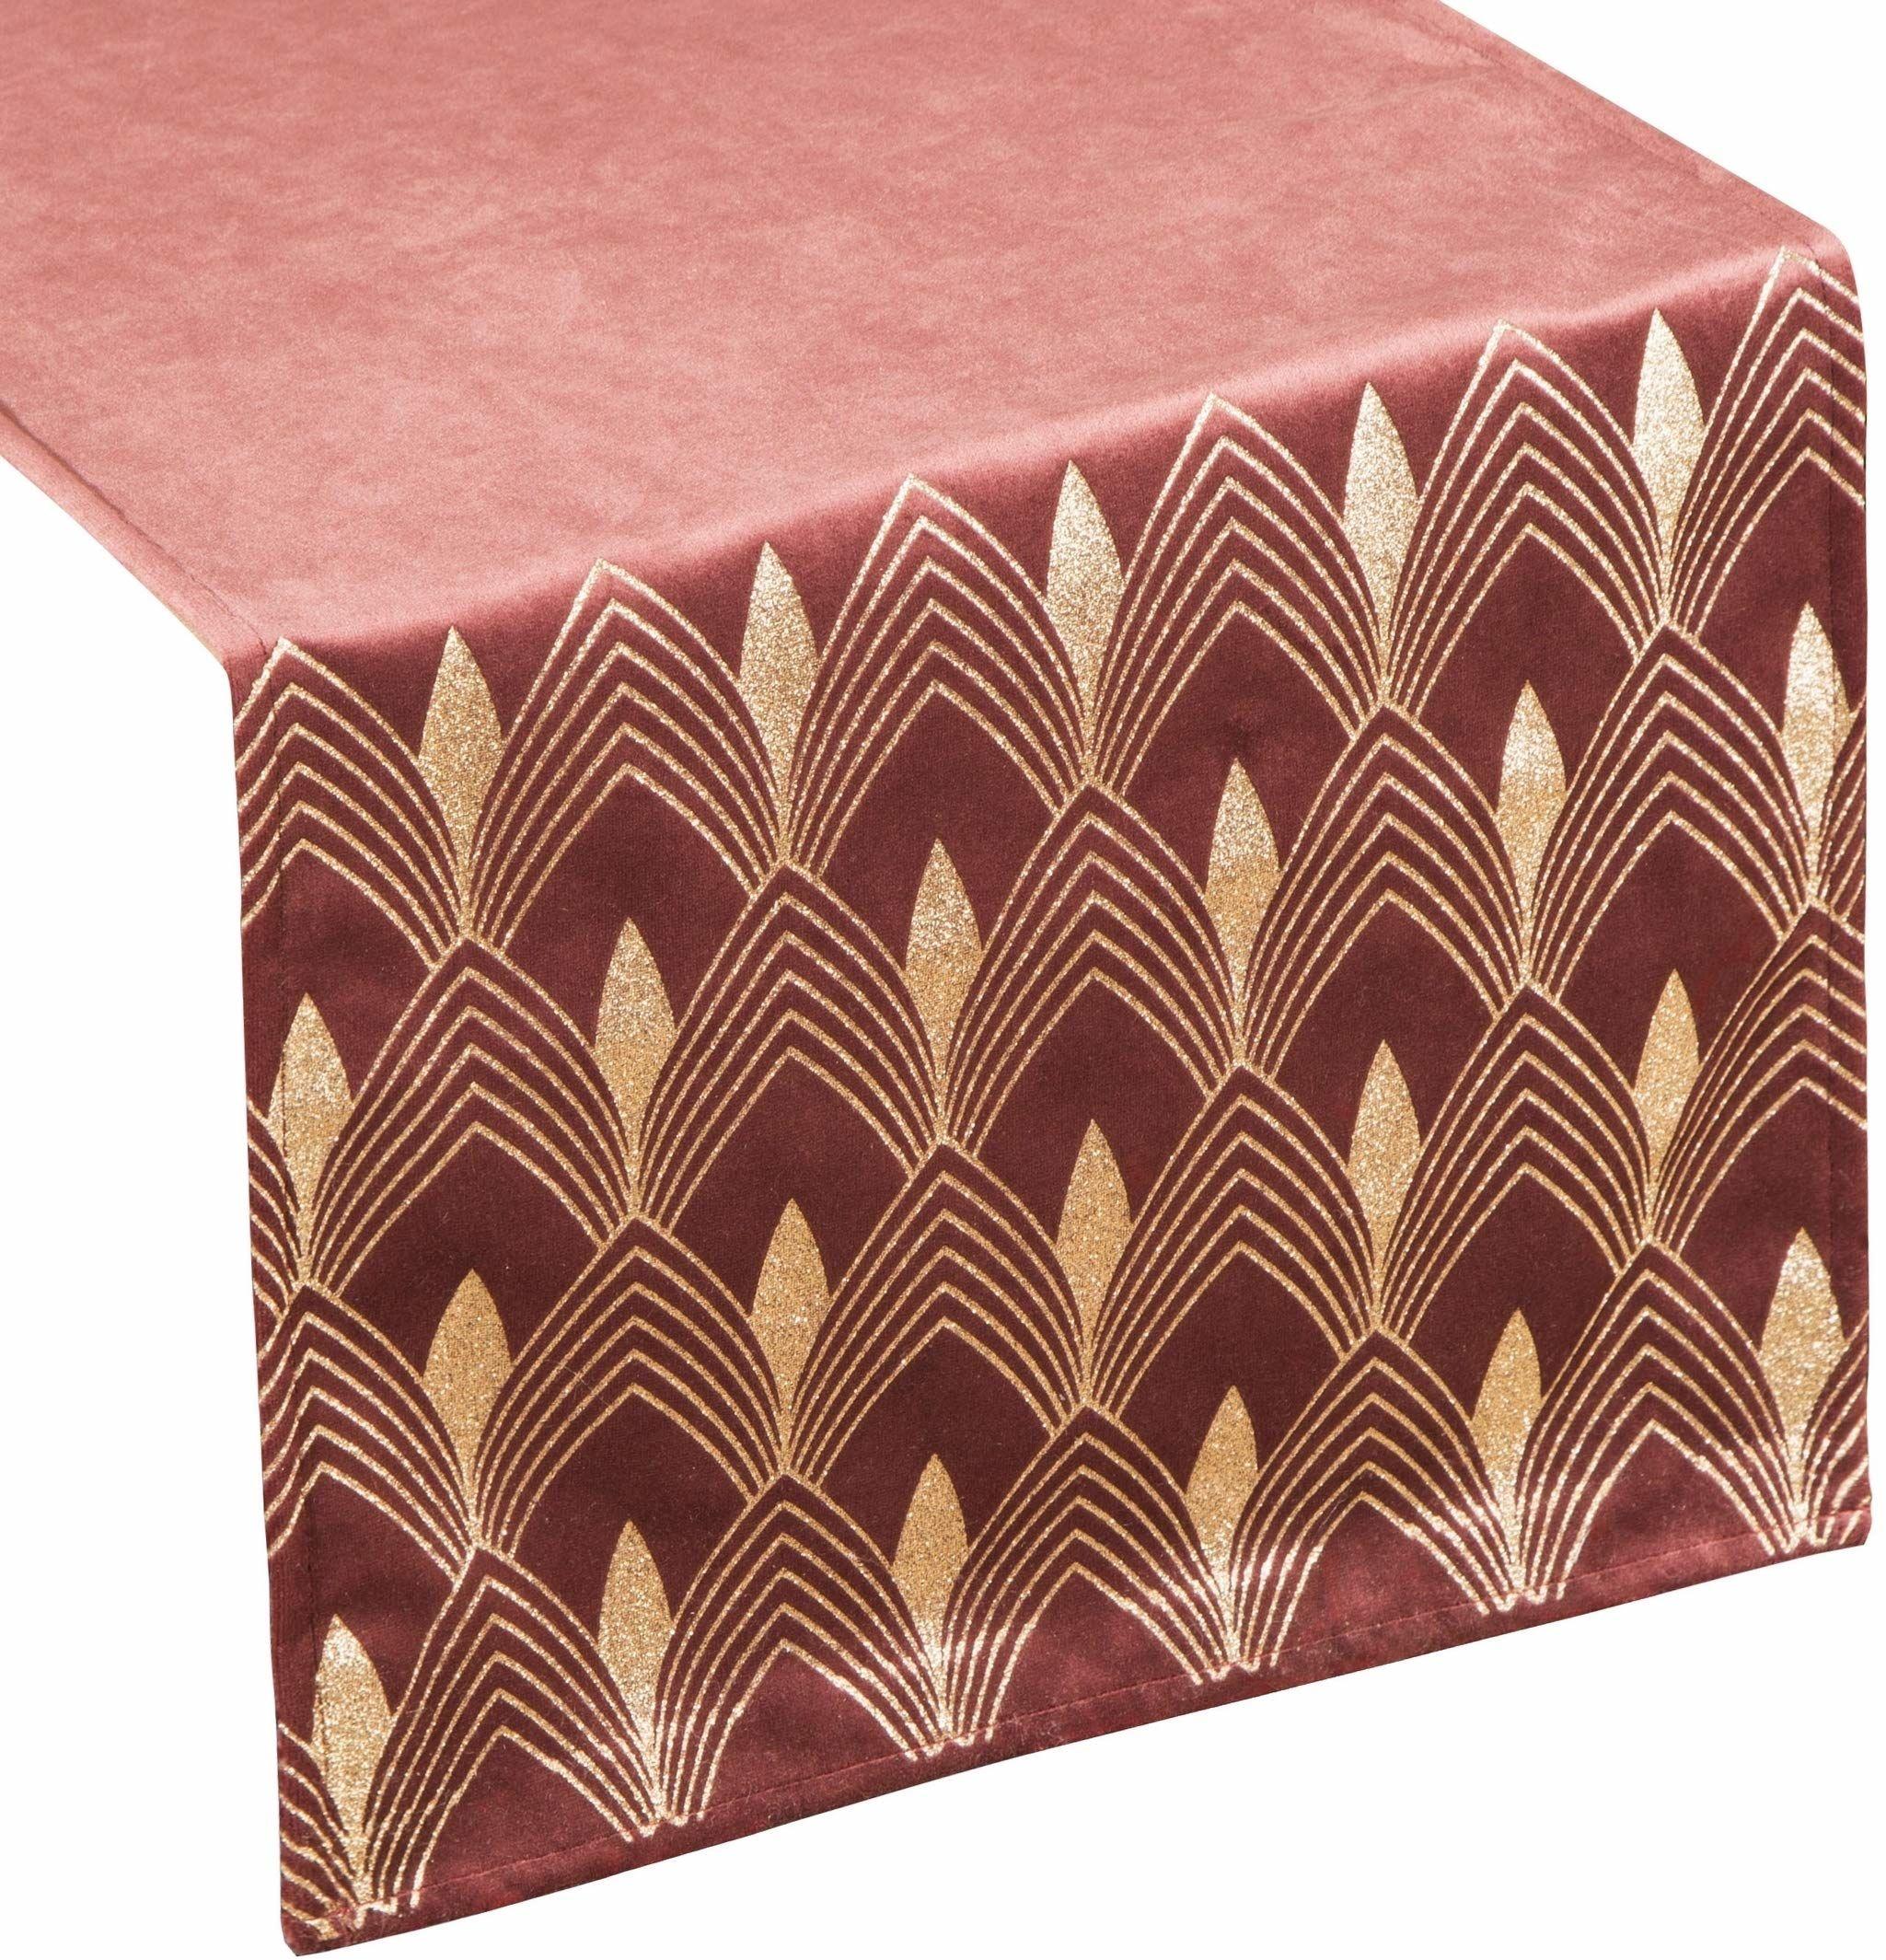 Eurofirany obrus na stół, aksamitny bieżnik na stół, geometryczny wzór, obrus Velvet szlachetny elegancki 1 sztuka, bordowy, 40 x 140 cm